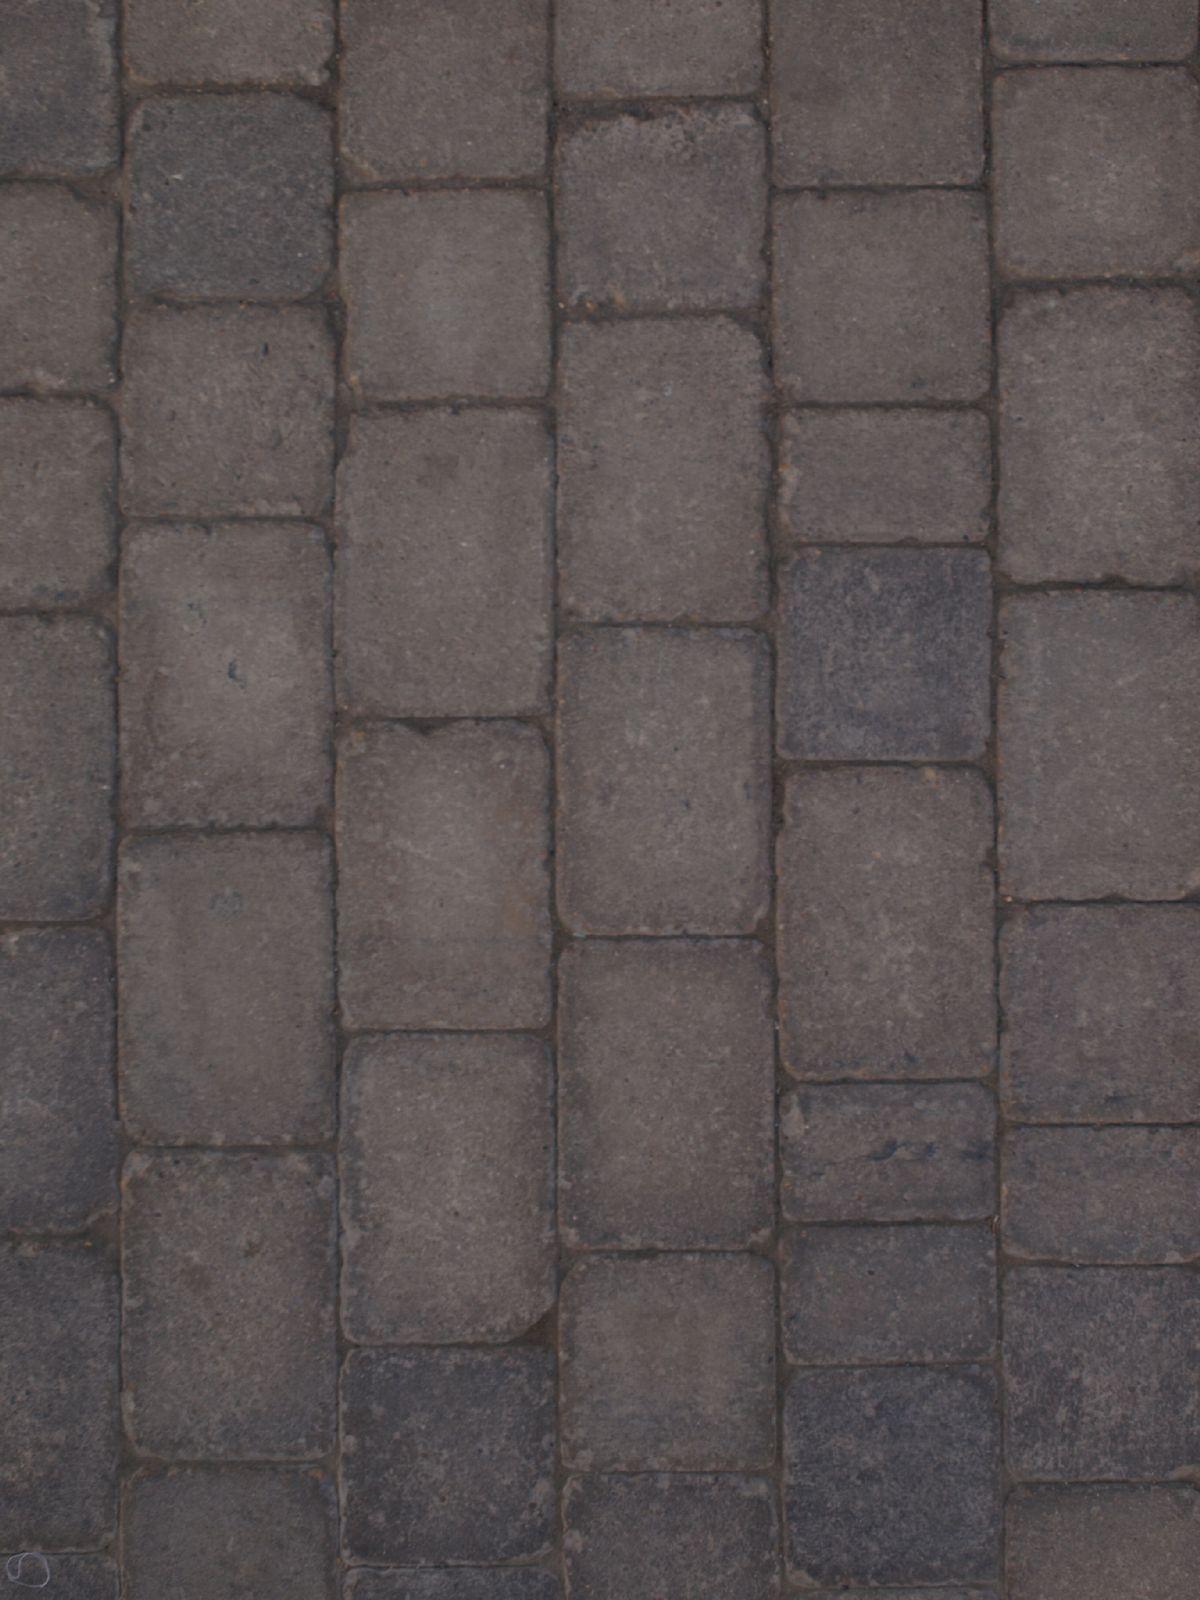 Boden-Gehweg-Strasse-Buergersteig-Textur_A_P5265207